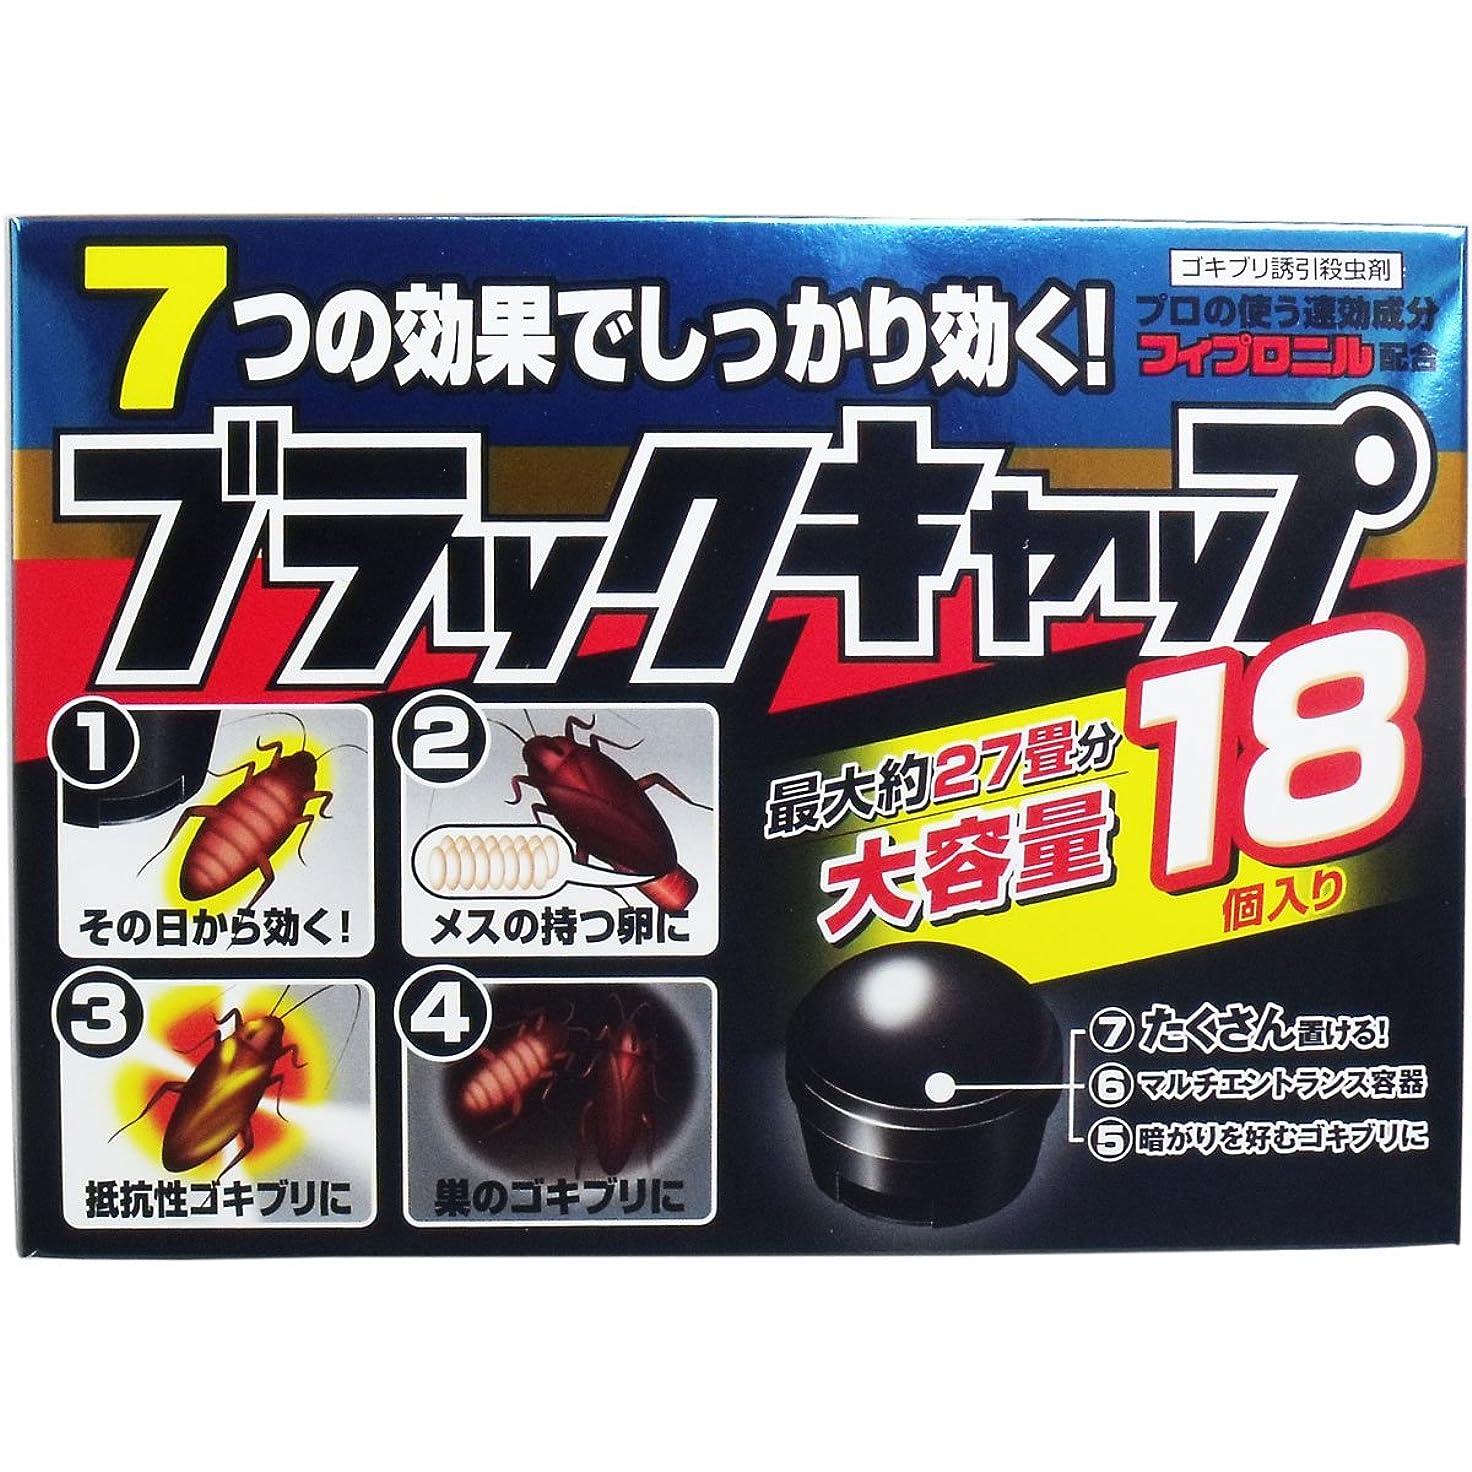 開発レースレタッチ(アース製薬)ブラックキャップ 18個入(医薬部外品)